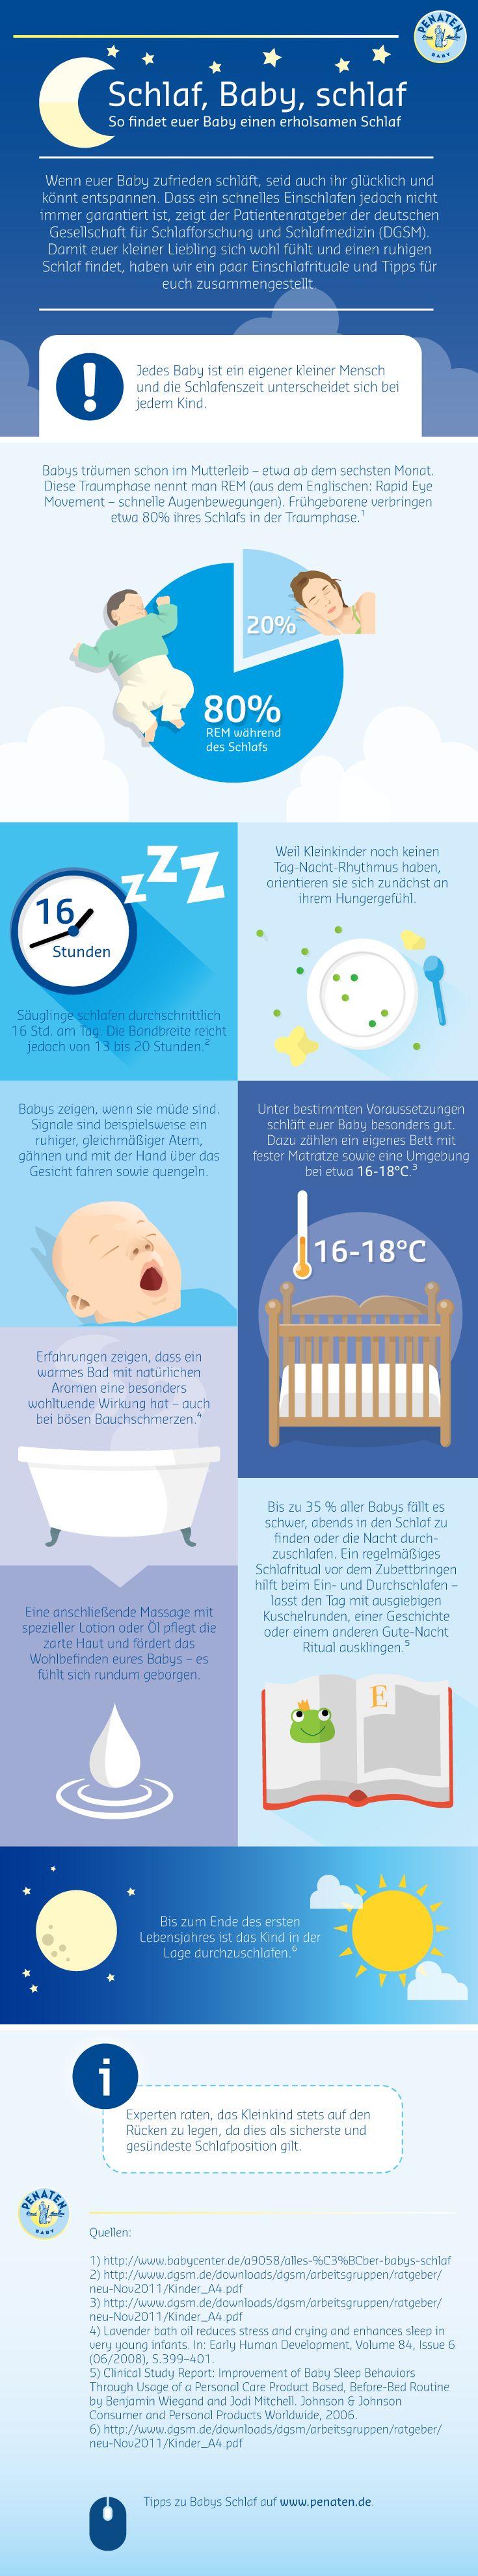 Wenn euer Baby zufrieden schläft, seid auch ihr glücklich und könnt entspannen. Hier haben wir ein paar Einschlafrituale und Tipps für euch und eure Kleinen zusammengestellt. #Penaten #BabysSchlaf #Babycare #Über110JahreErfahrung